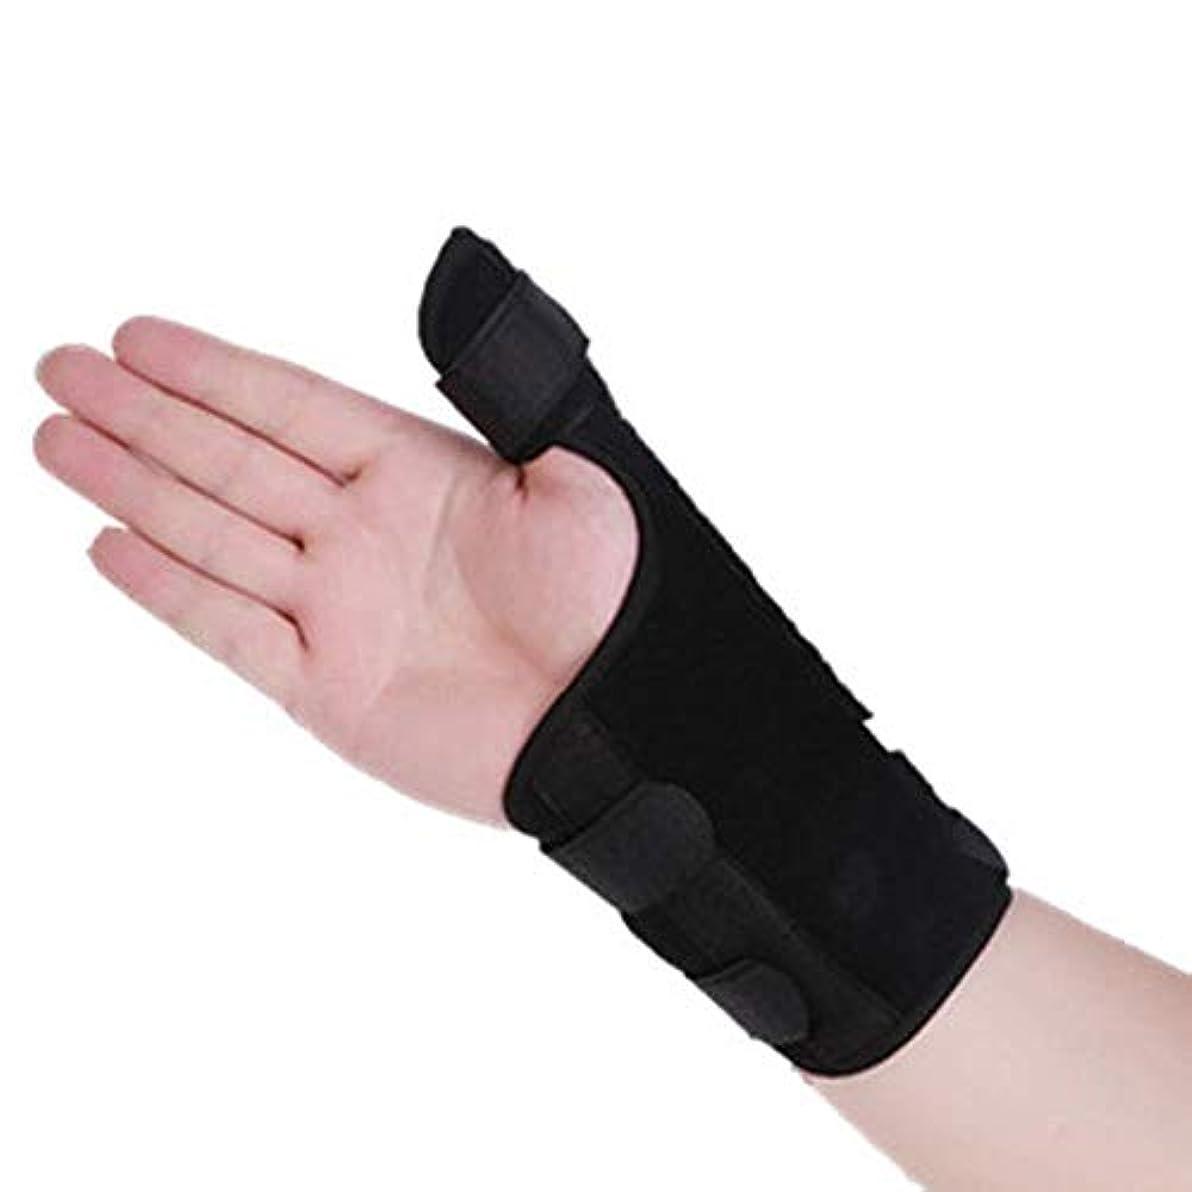 牧草地ファシズム文芸指の添え木、手根管関節炎Sprain-1pairs用通気性医療手首サポートブレース添え木 (Size : Medium)